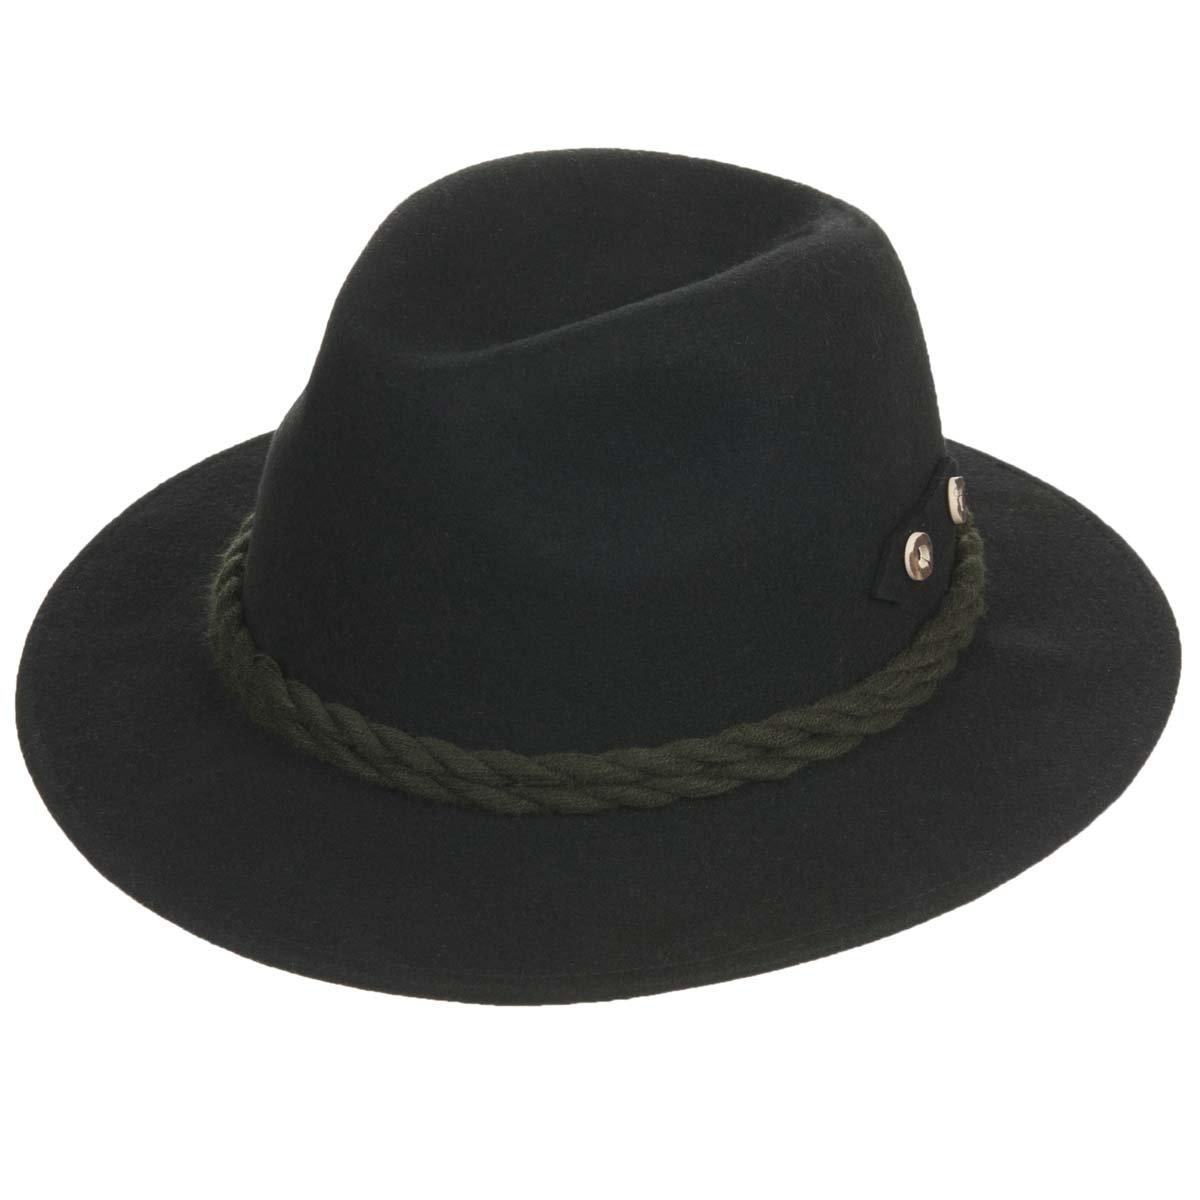 Cappello sportivo con cordoni di lana firmato HUTTER ... 90ea40e34527